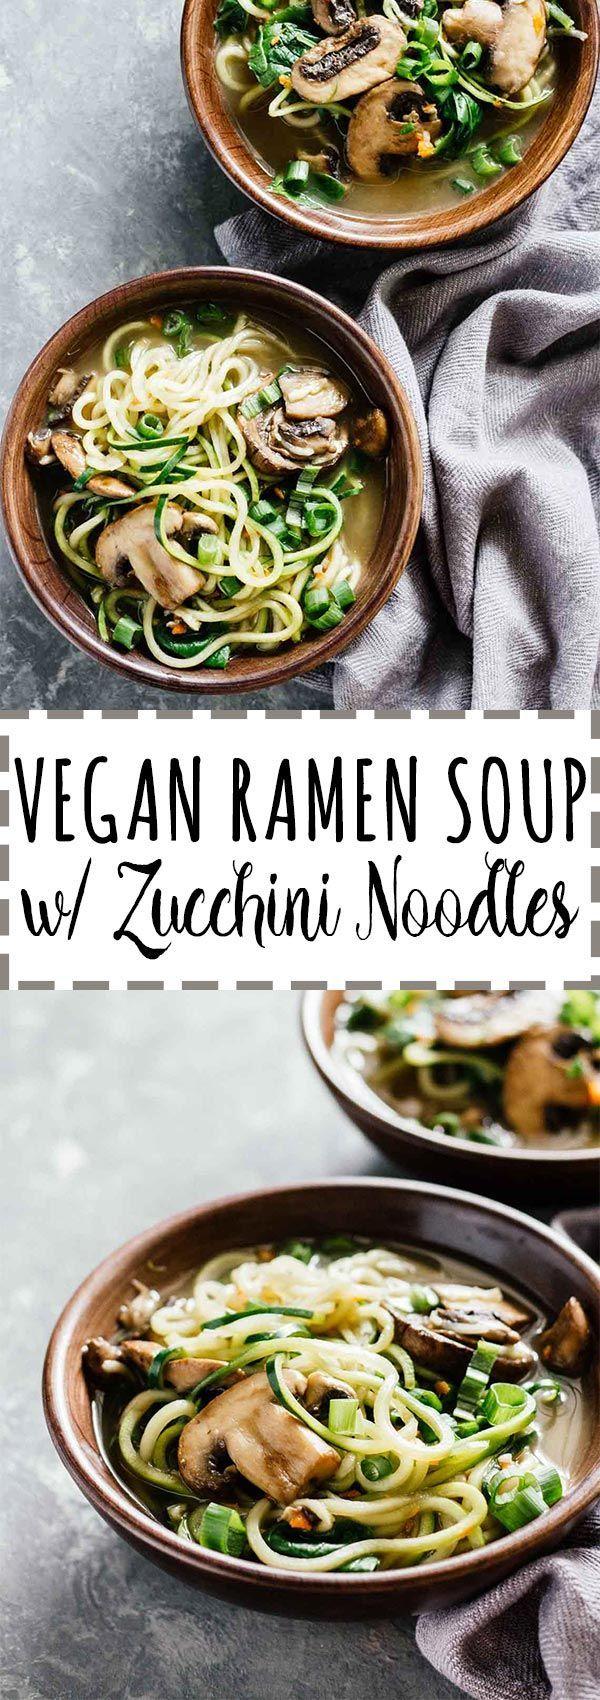 Vegan Ramen Soup W Zucchini Noodles